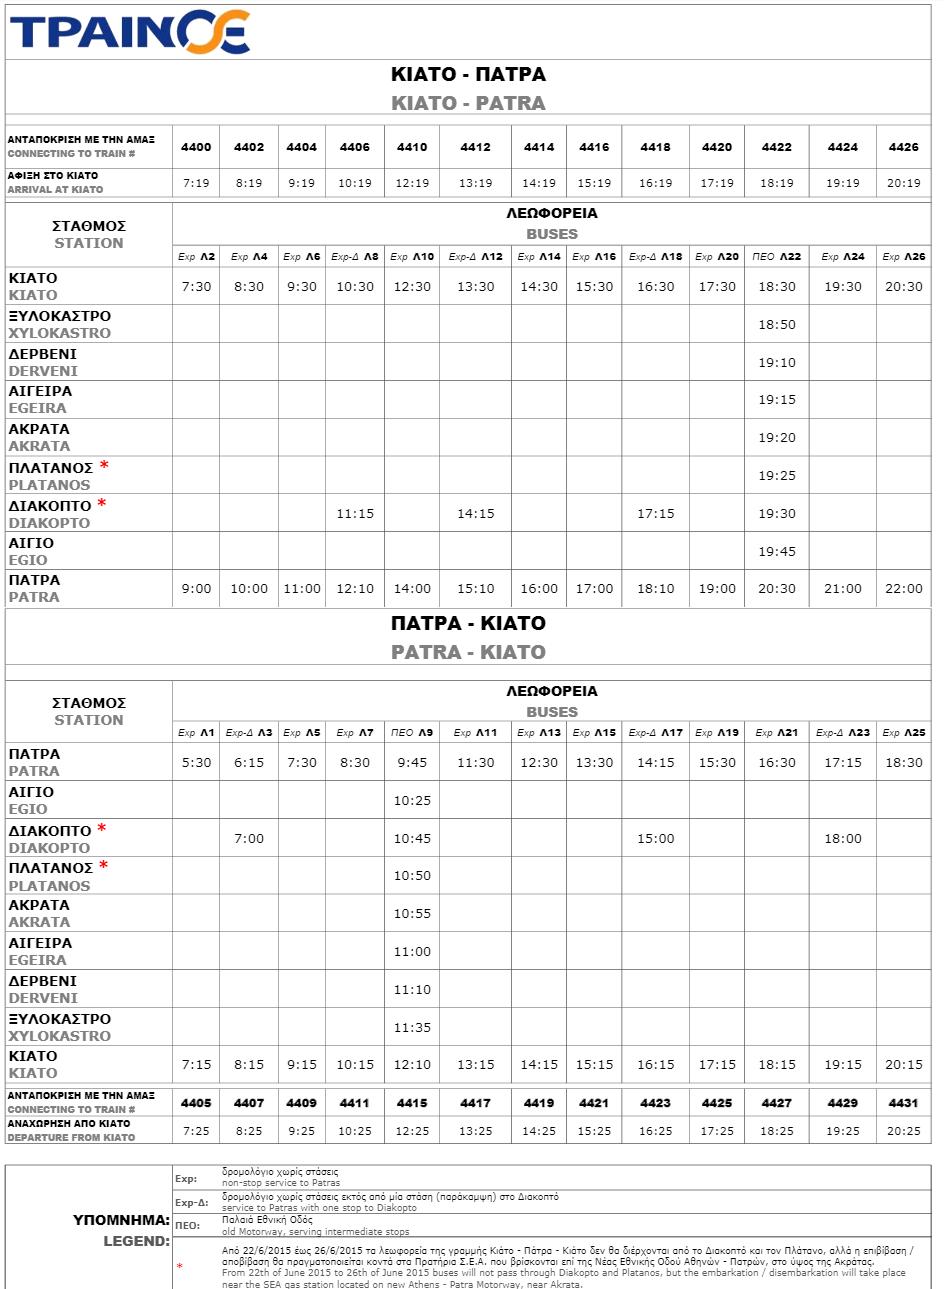 Δρομολόγια λεωφορείων της ΤΡΑΙΝΟΣΕ, Κιάτο - Πάτρα και Πάτρα - Κιάτο (κλικ για μεγέθυνση)